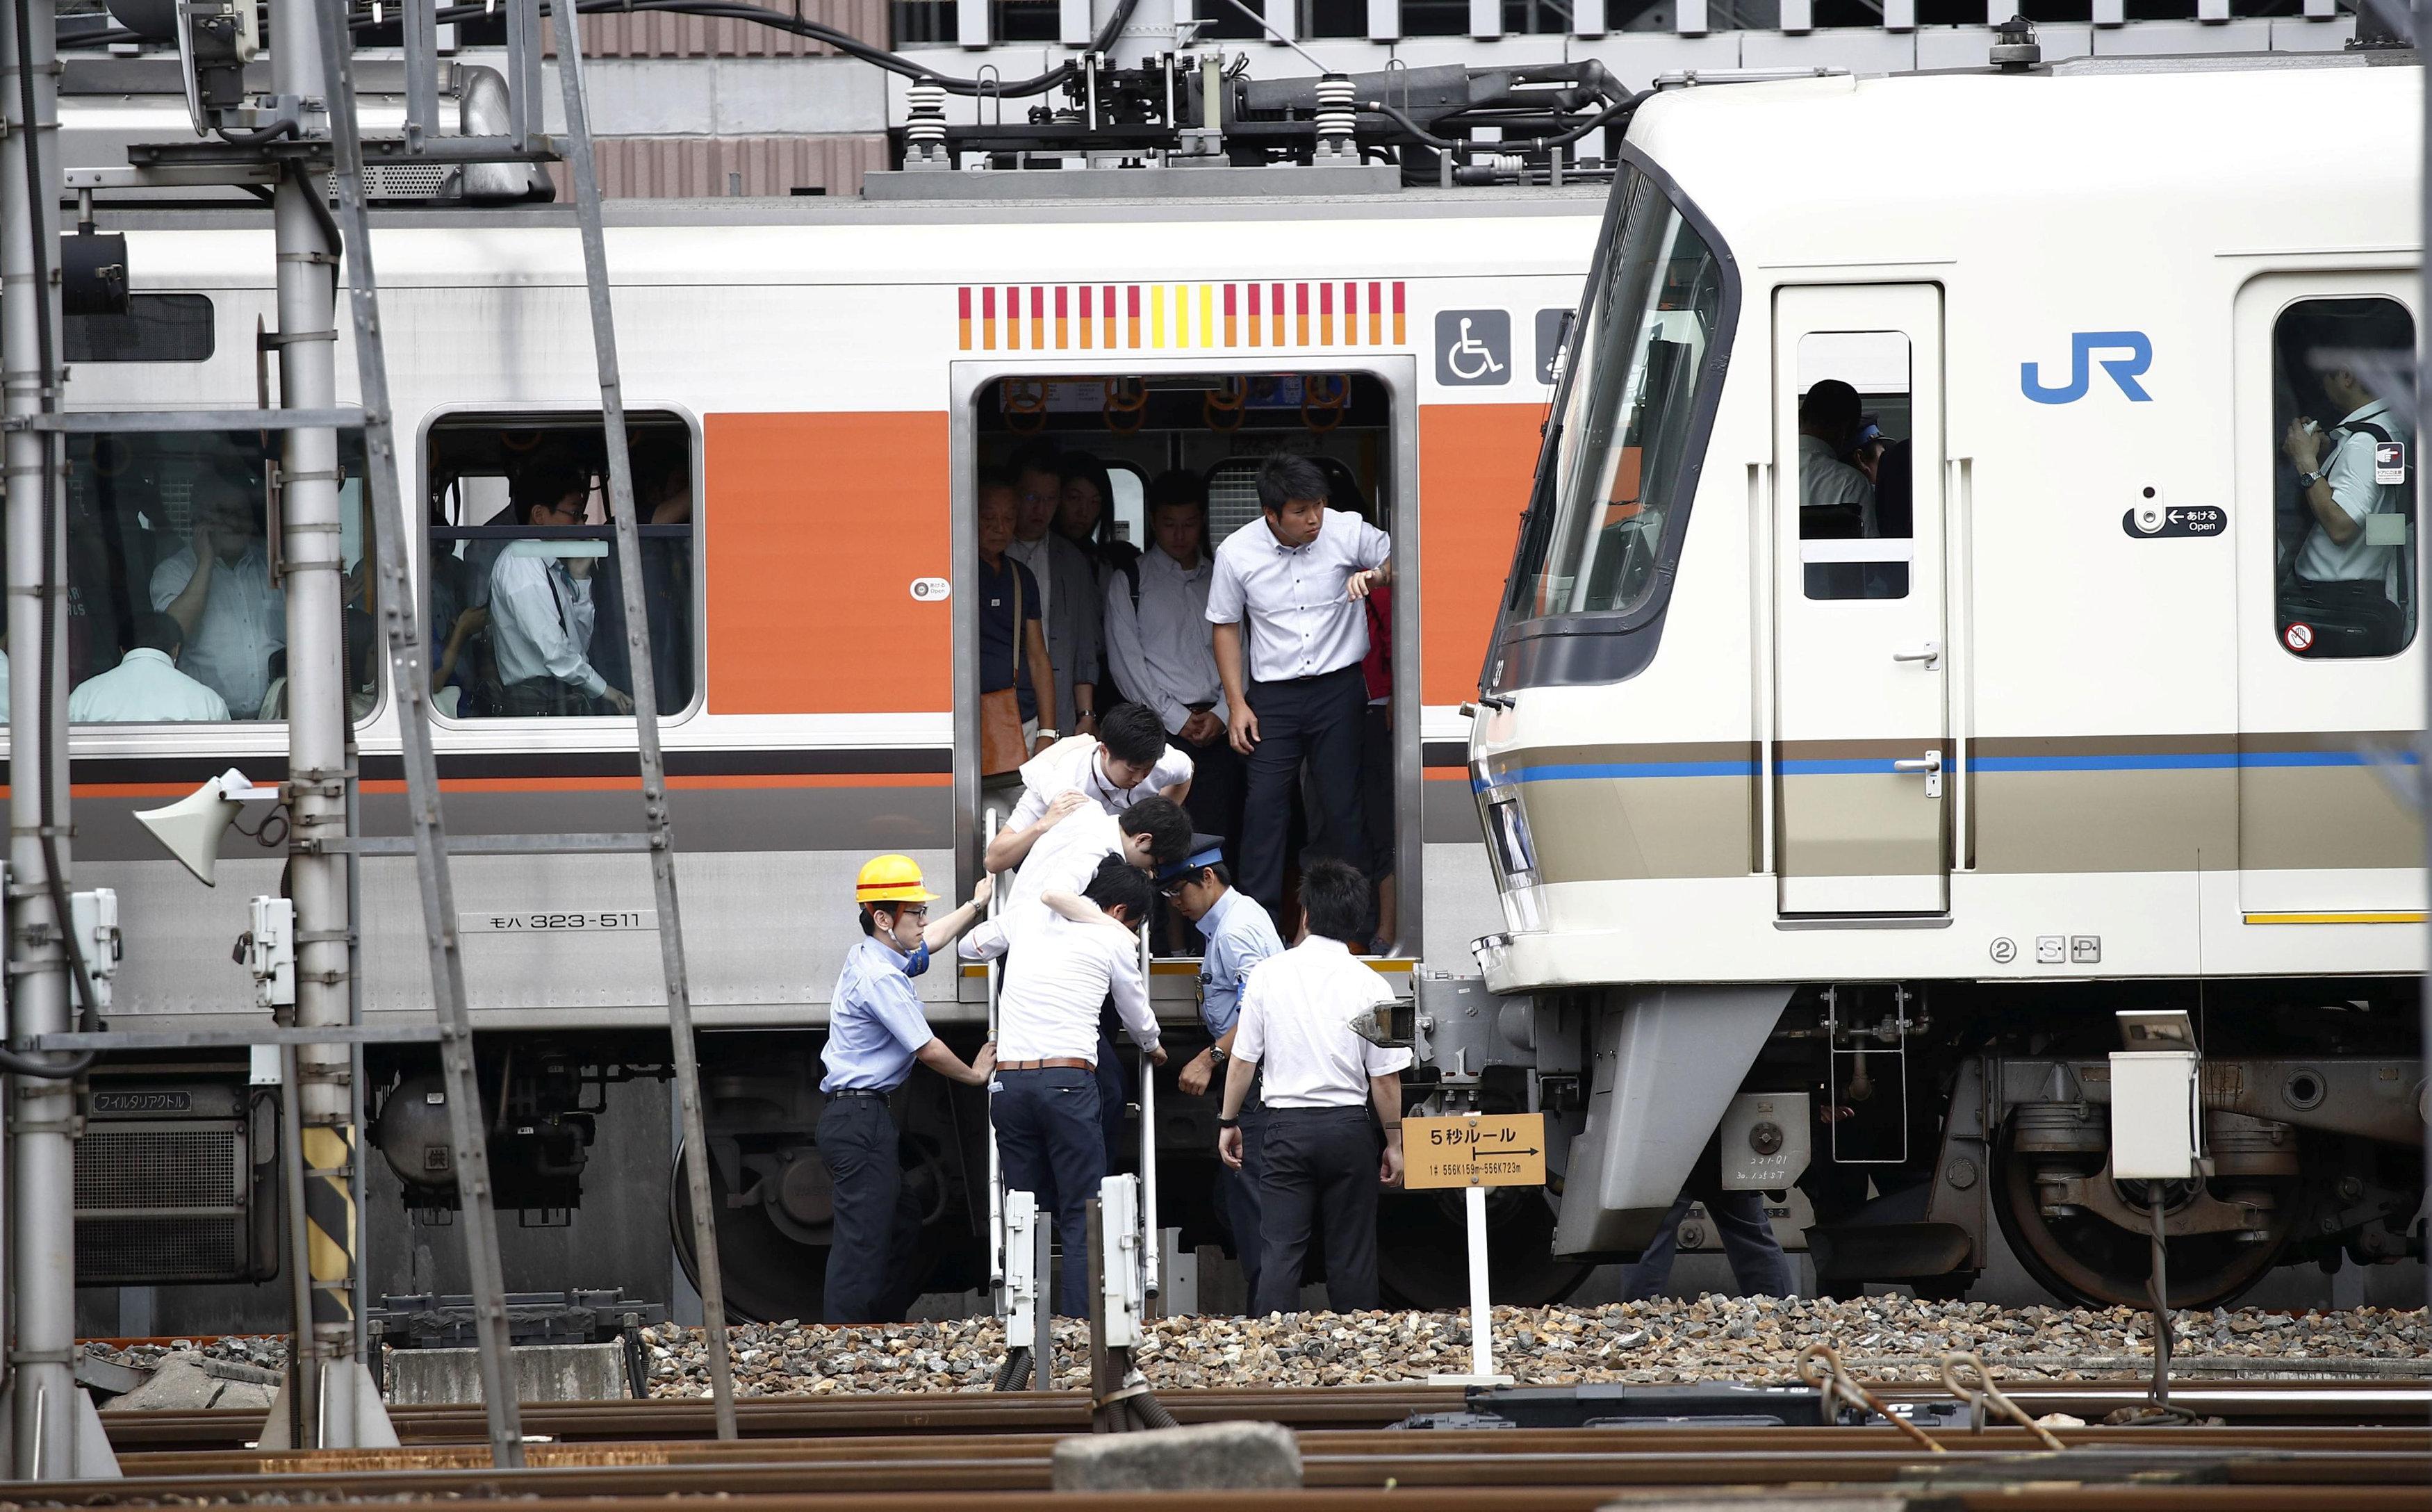 إخلاء القطارات من الركاب بعد الزلزال